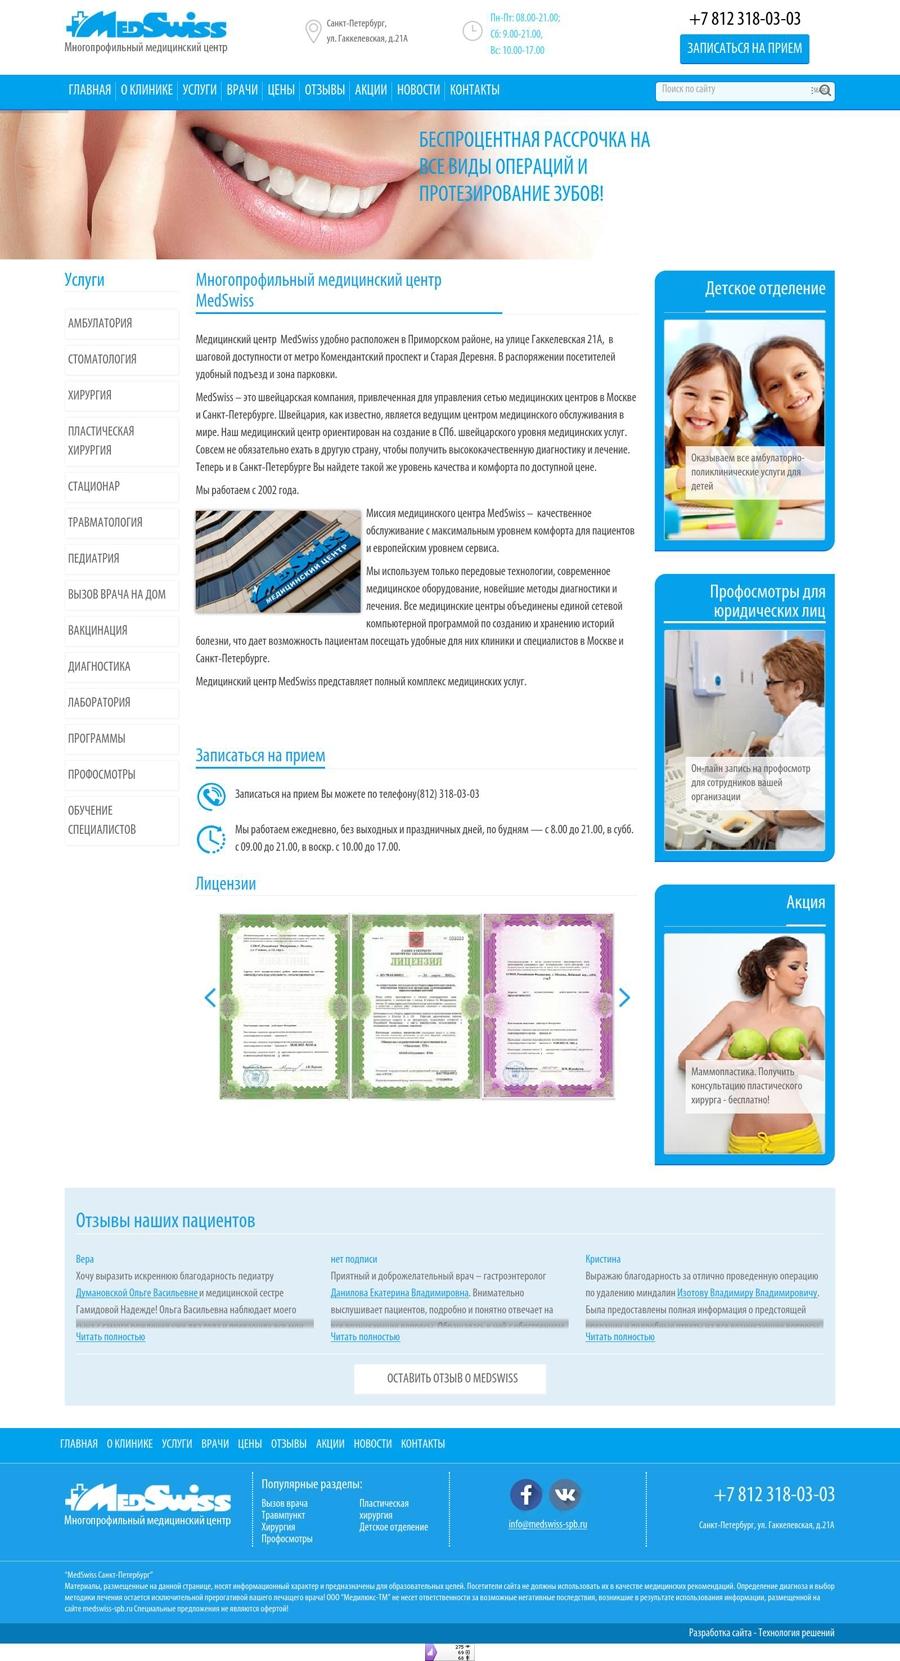 Создание адаптивного сайта для медицинской клиники